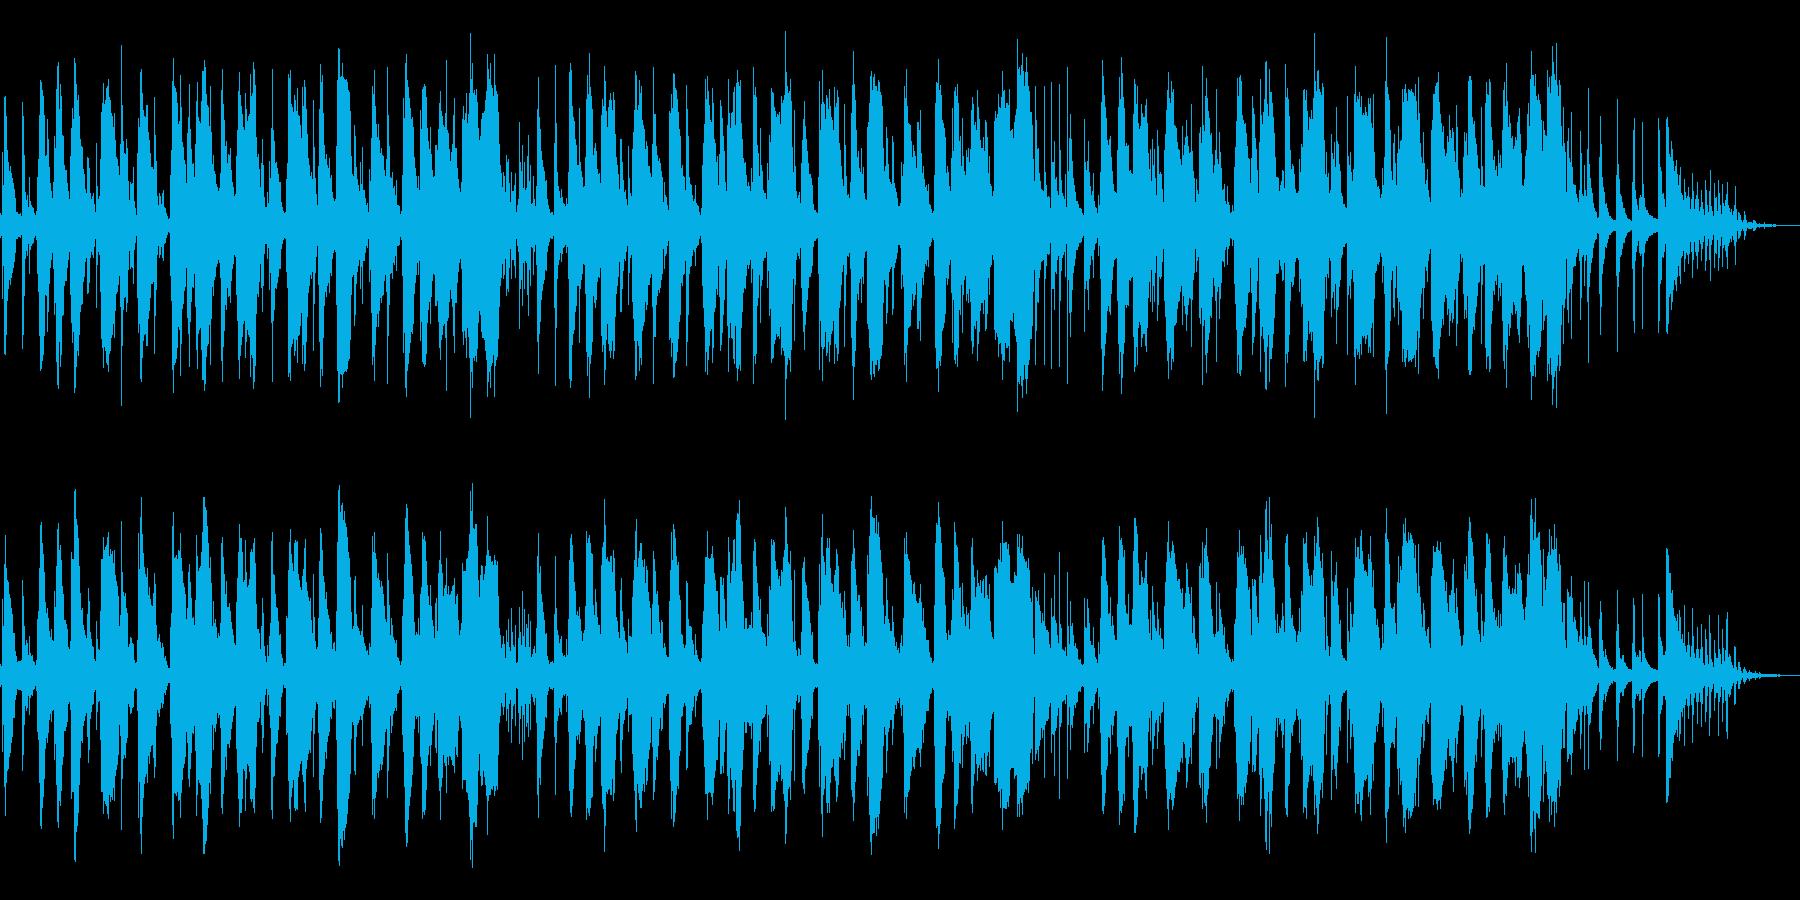 ちょこまか コミカル 転換ジングルの再生済みの波形